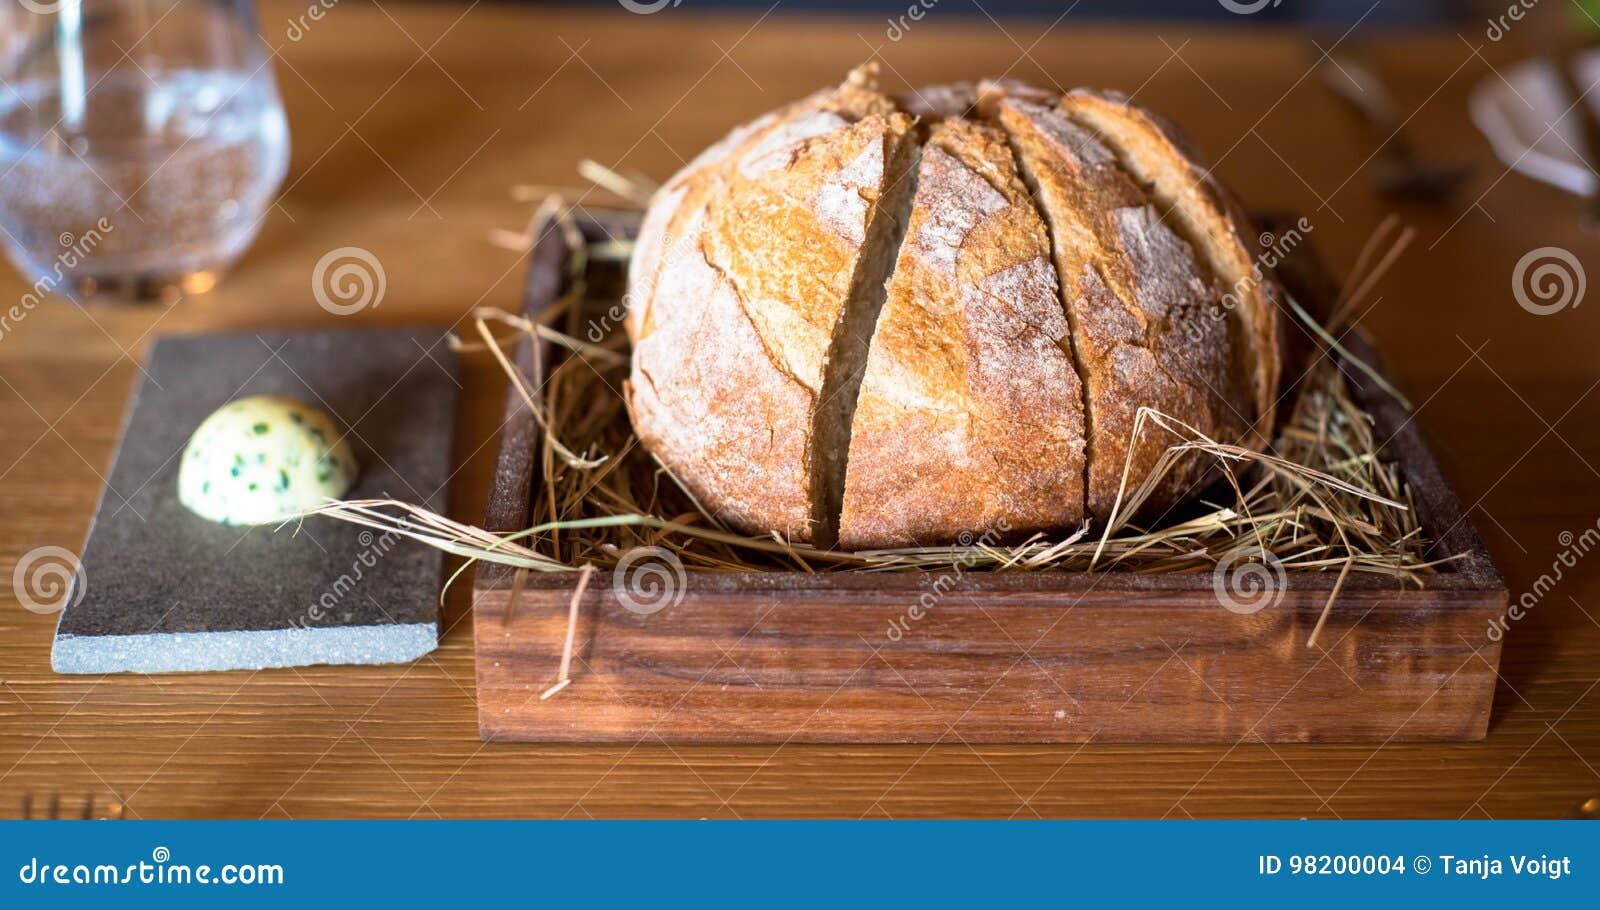 Download хлеб свежий стоковое фото. изображение насчитывающей природа - 98200004